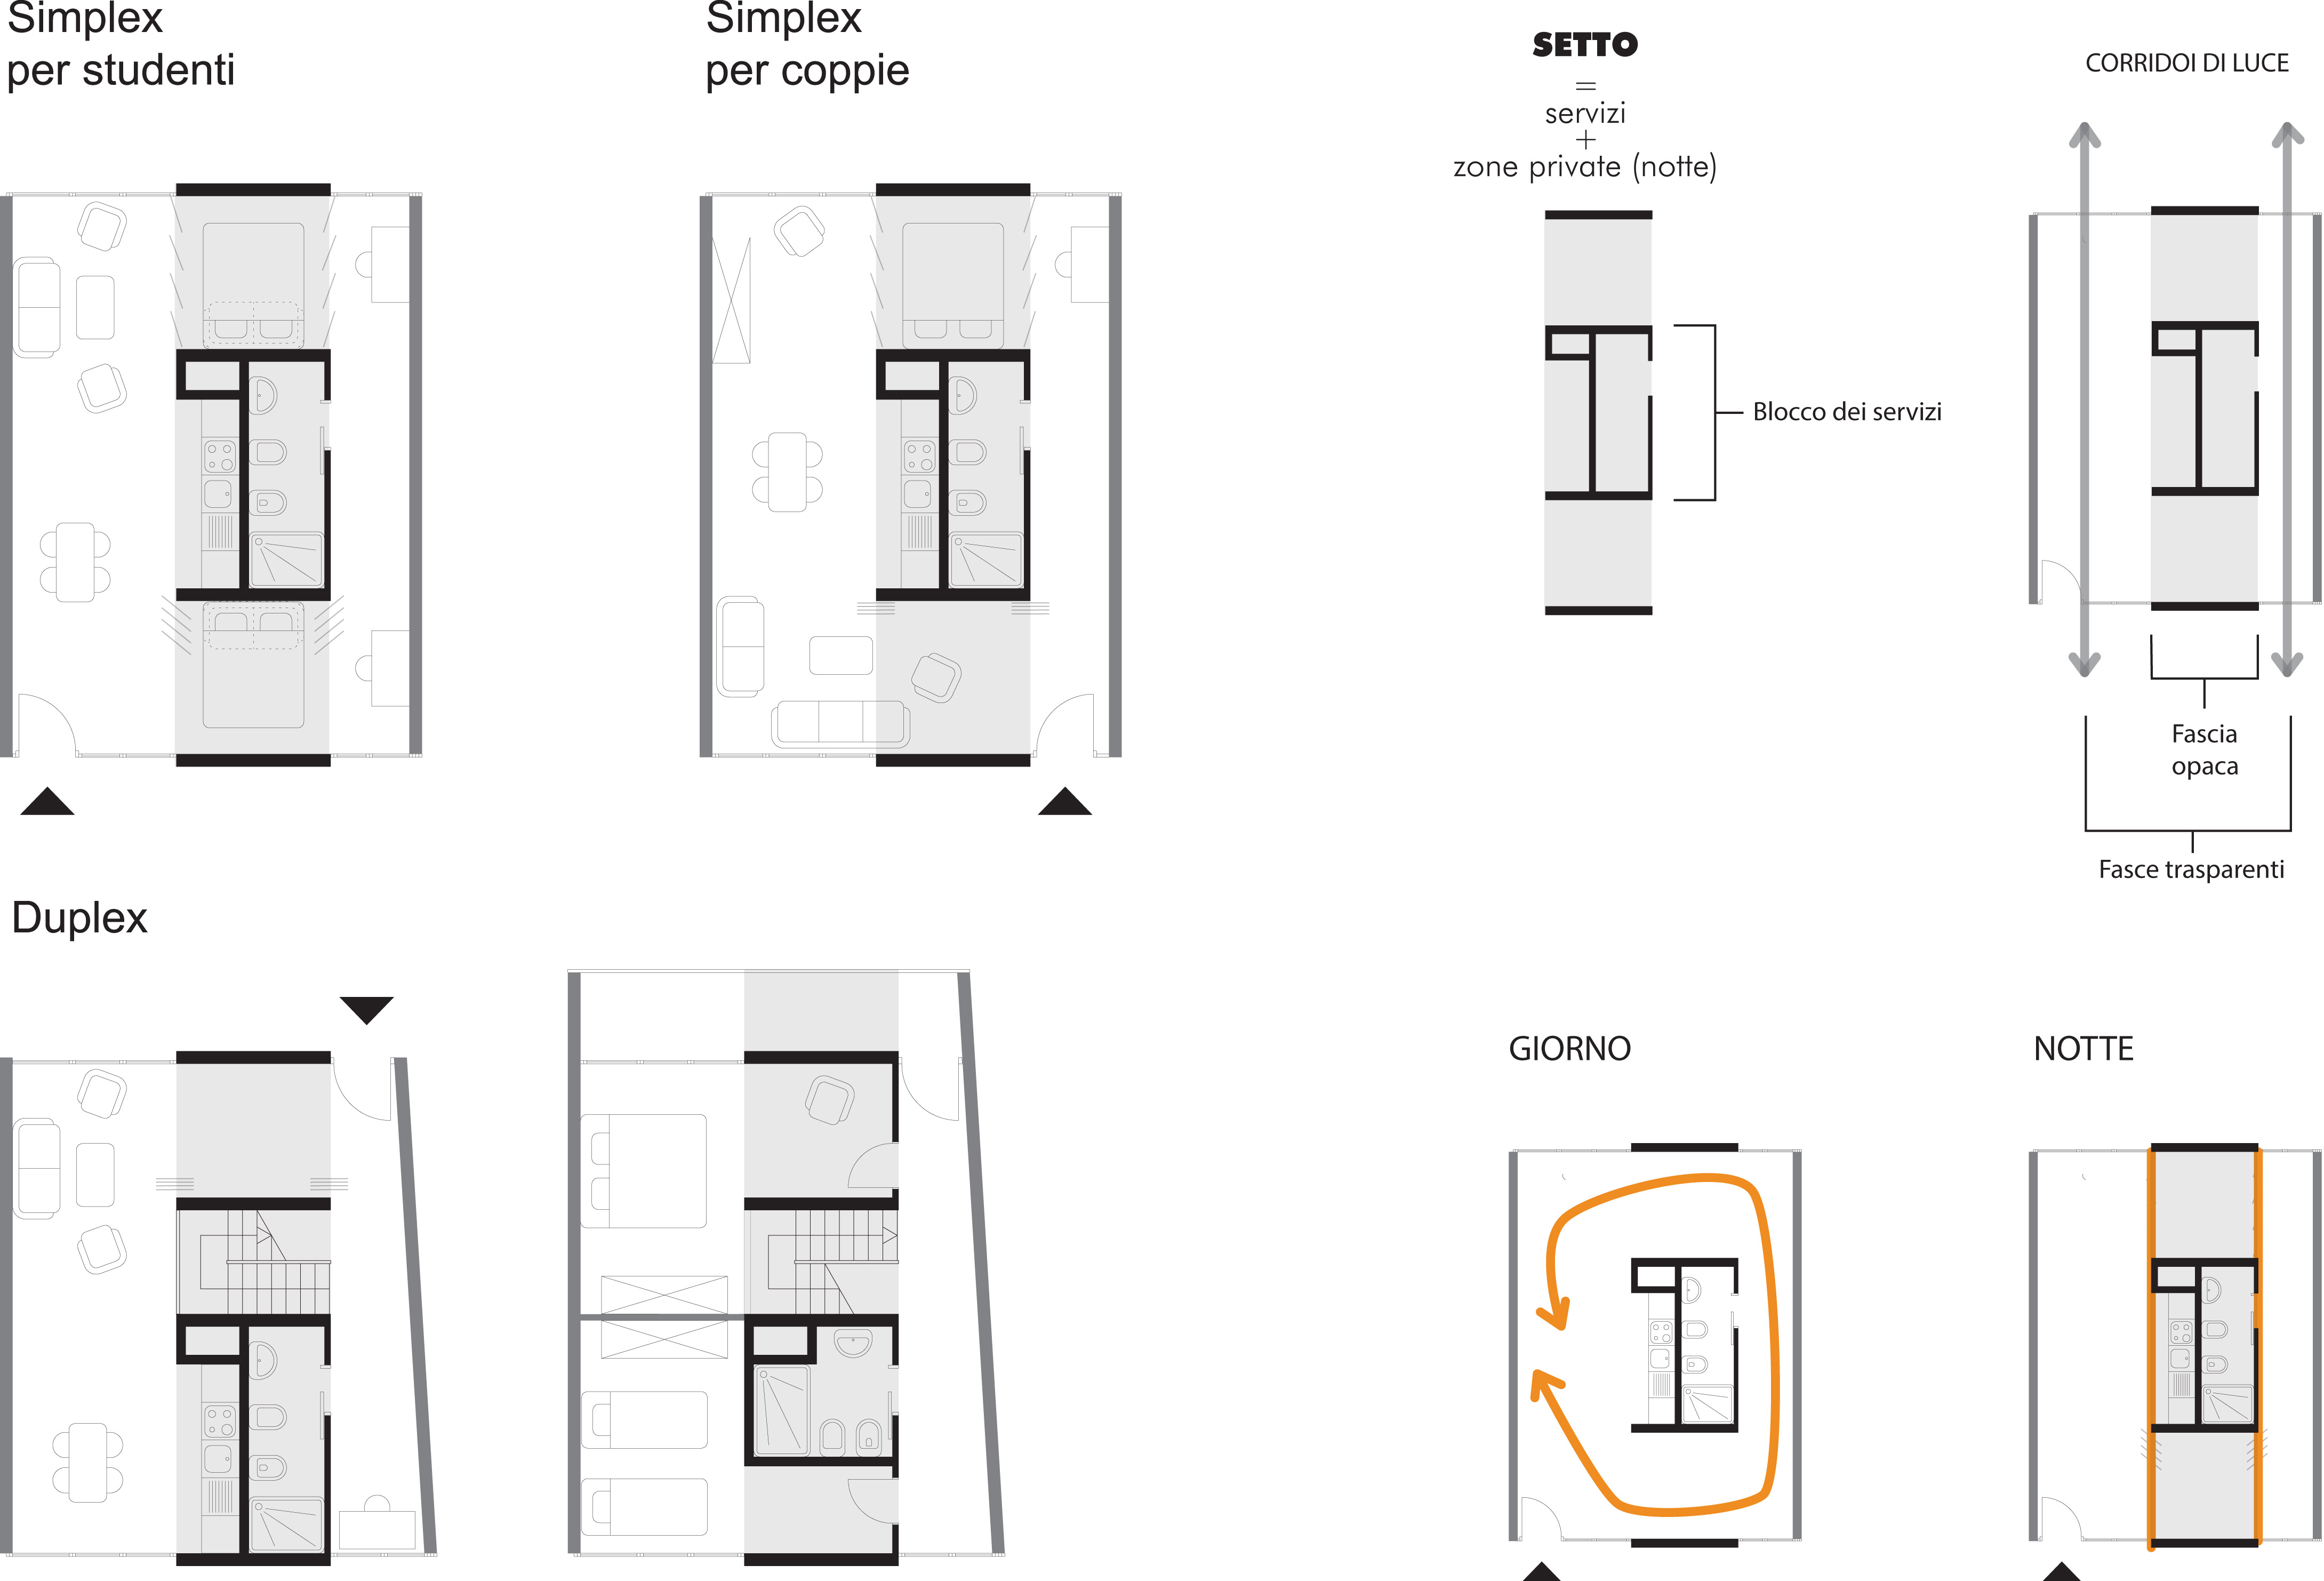 Cosa sono i setti portanti confortevole soggiorno nella casa - Tracce su muri portanti ...